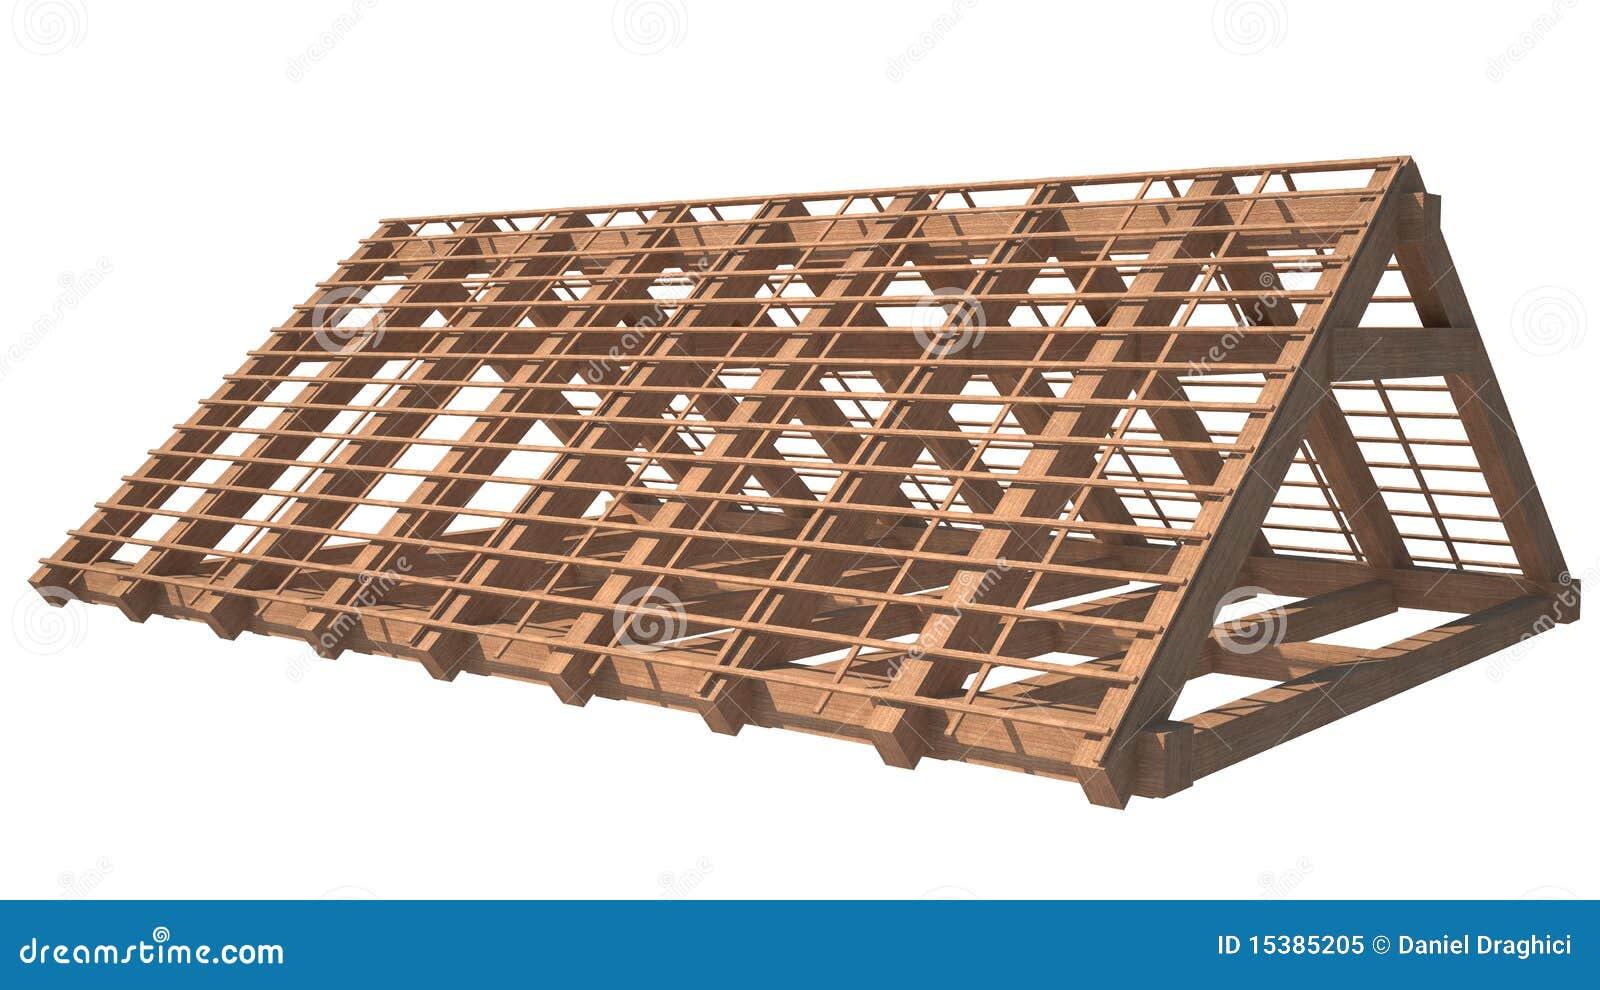 Foto de Stock Royalty Free: Estrutura de madeira do telhado da casa  #84A625 1300x821